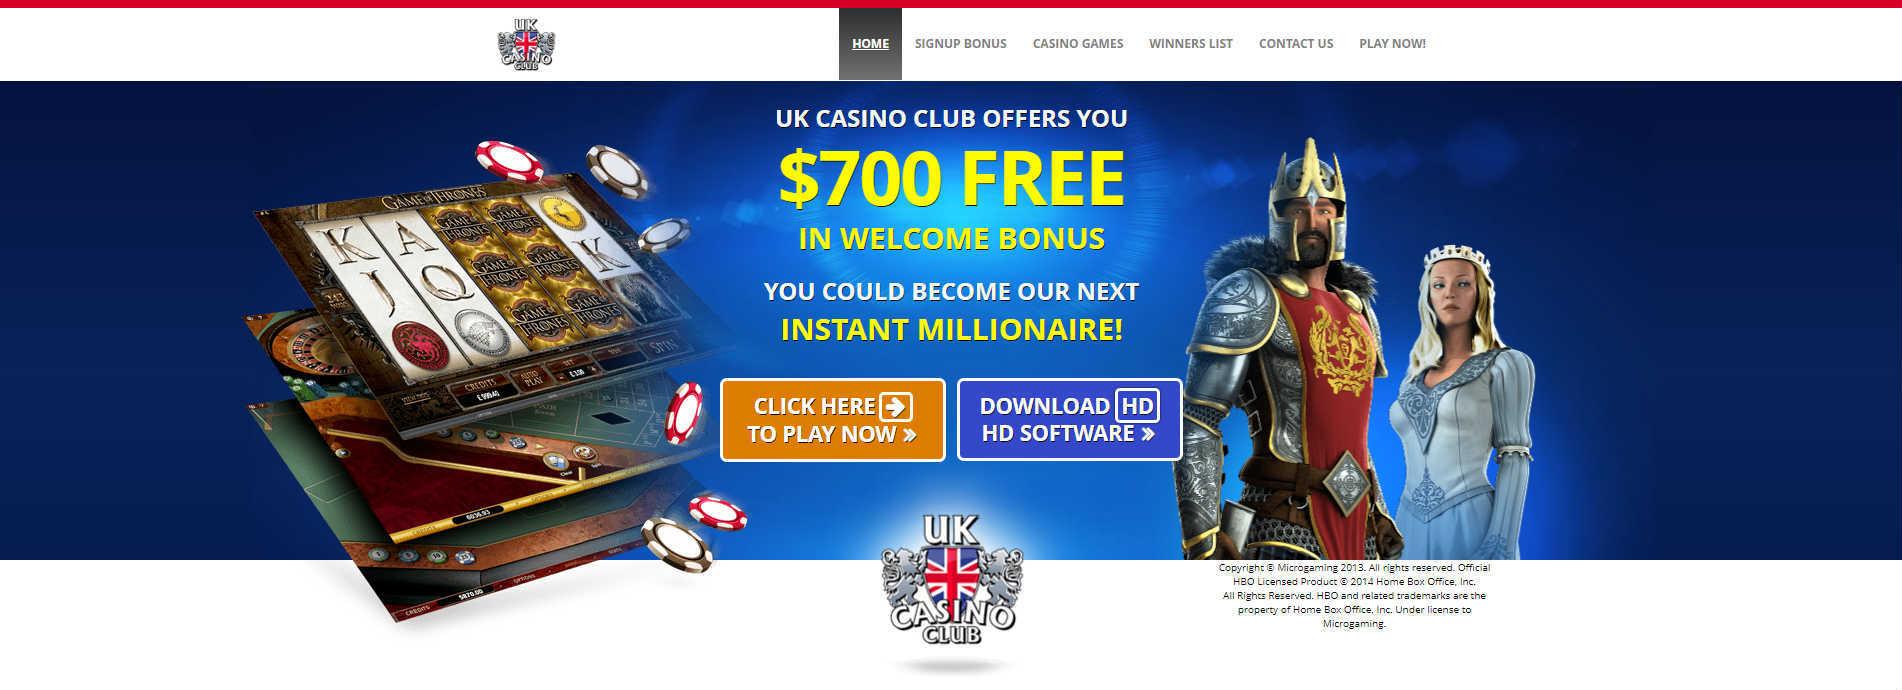 UK Casino Club Online Casino Bonuses